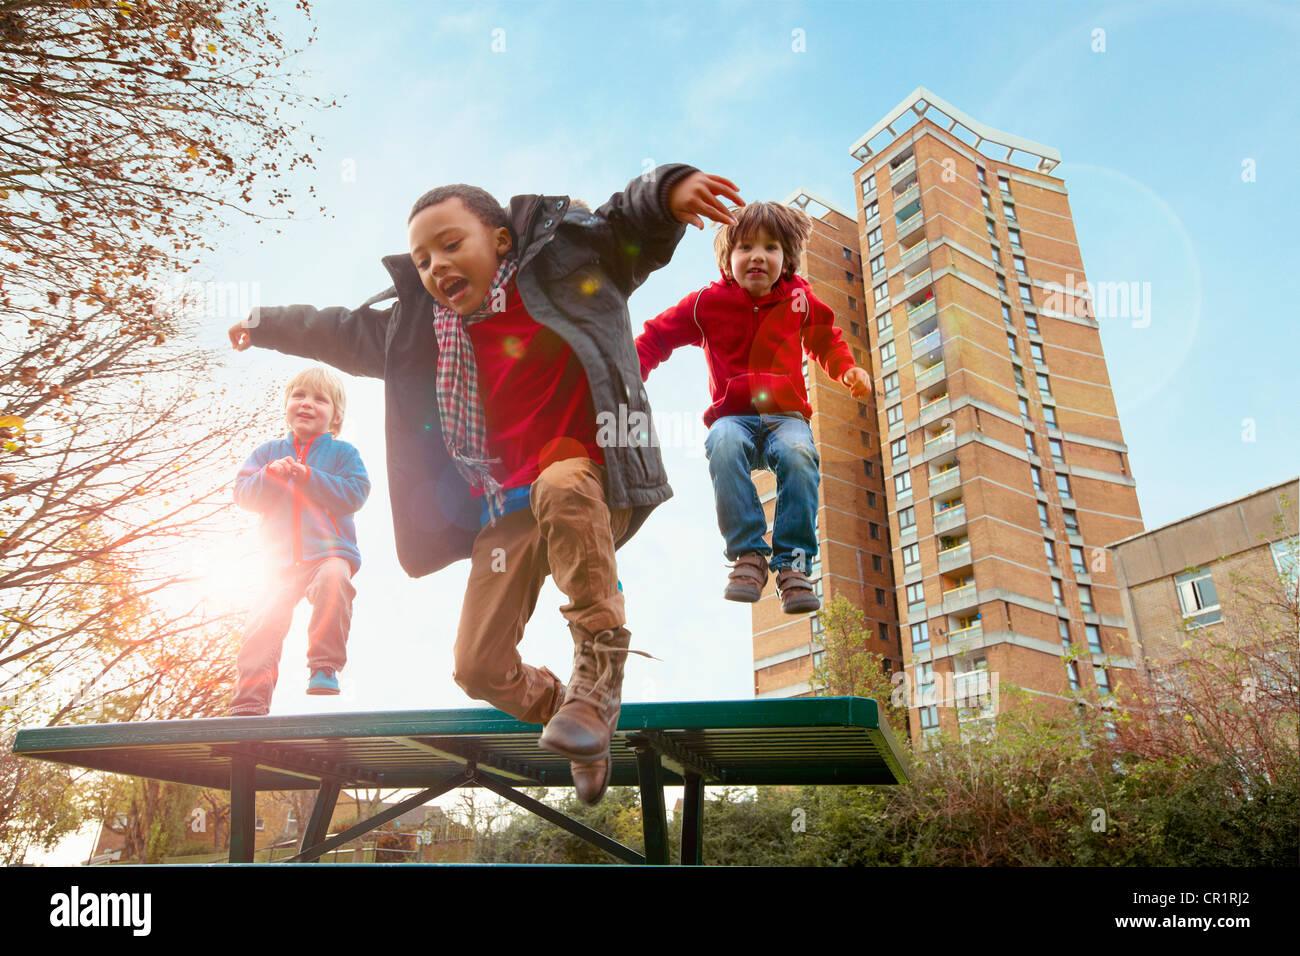 Los niños saltando de alegría en el parque Imagen De Stock